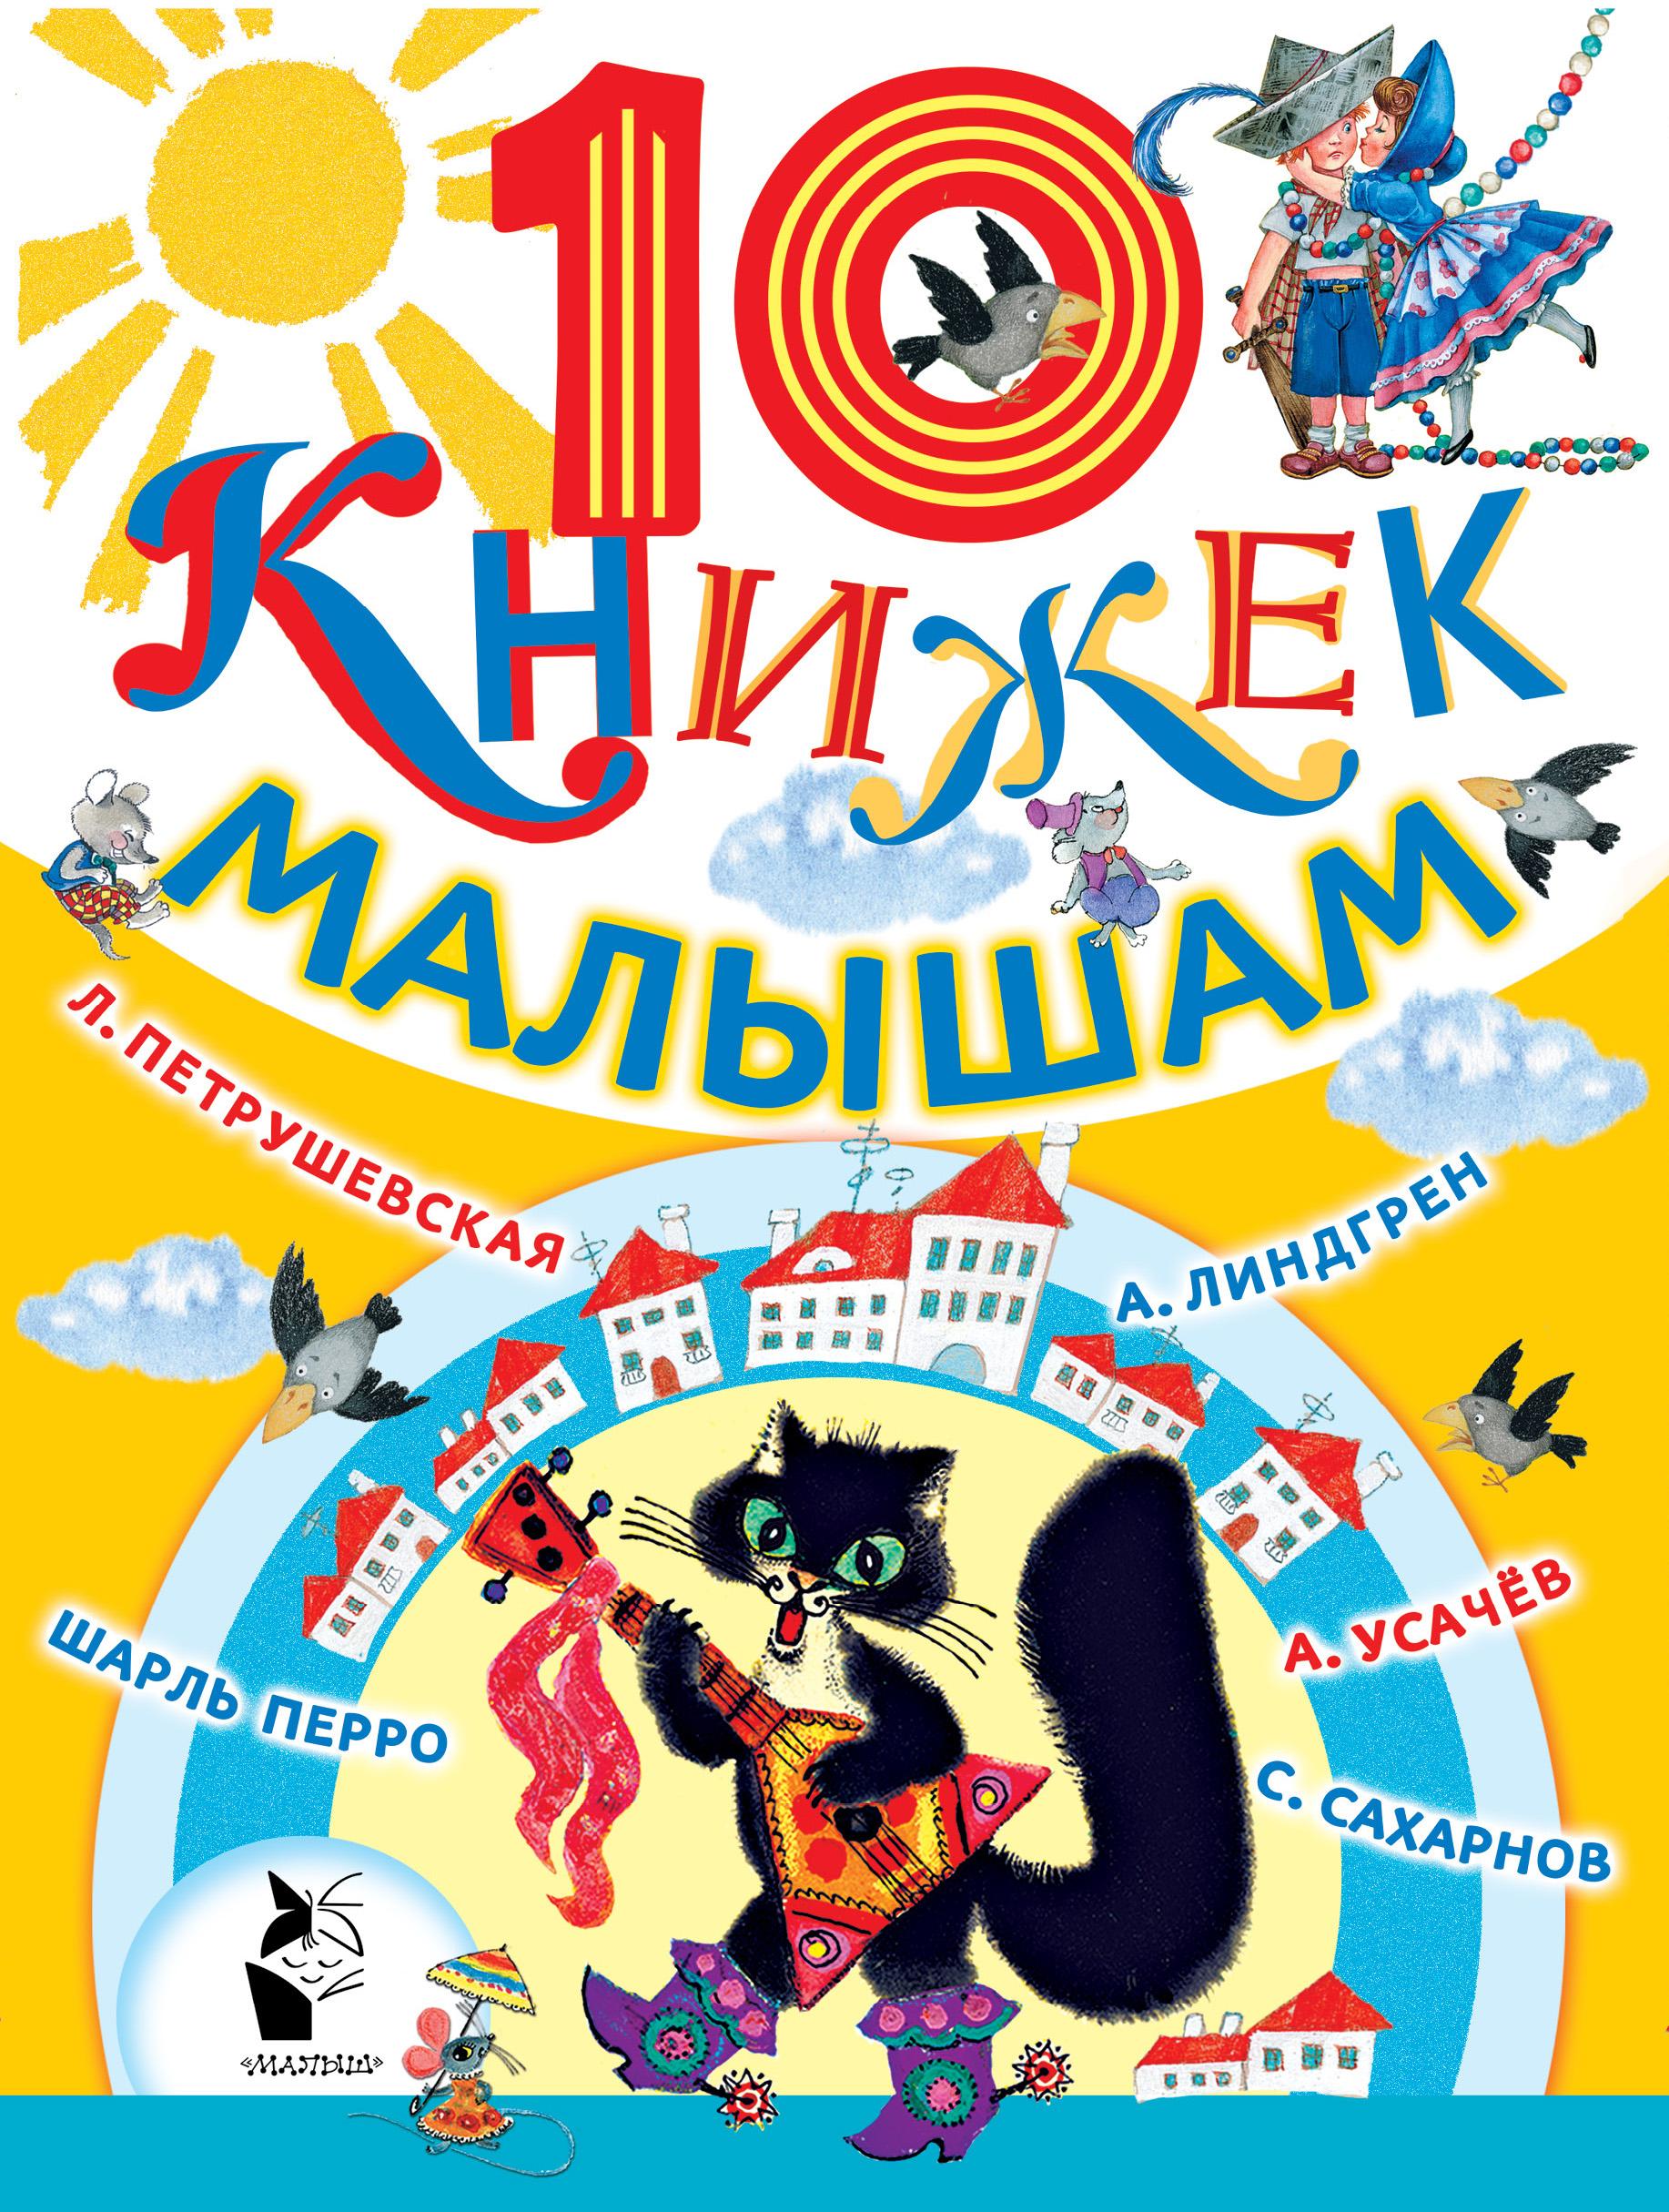 А. Усачёв, Л. Петрушевская, А. Линдгрен, С. Сахарнов 10 книжек малышам 10 книжек малышам